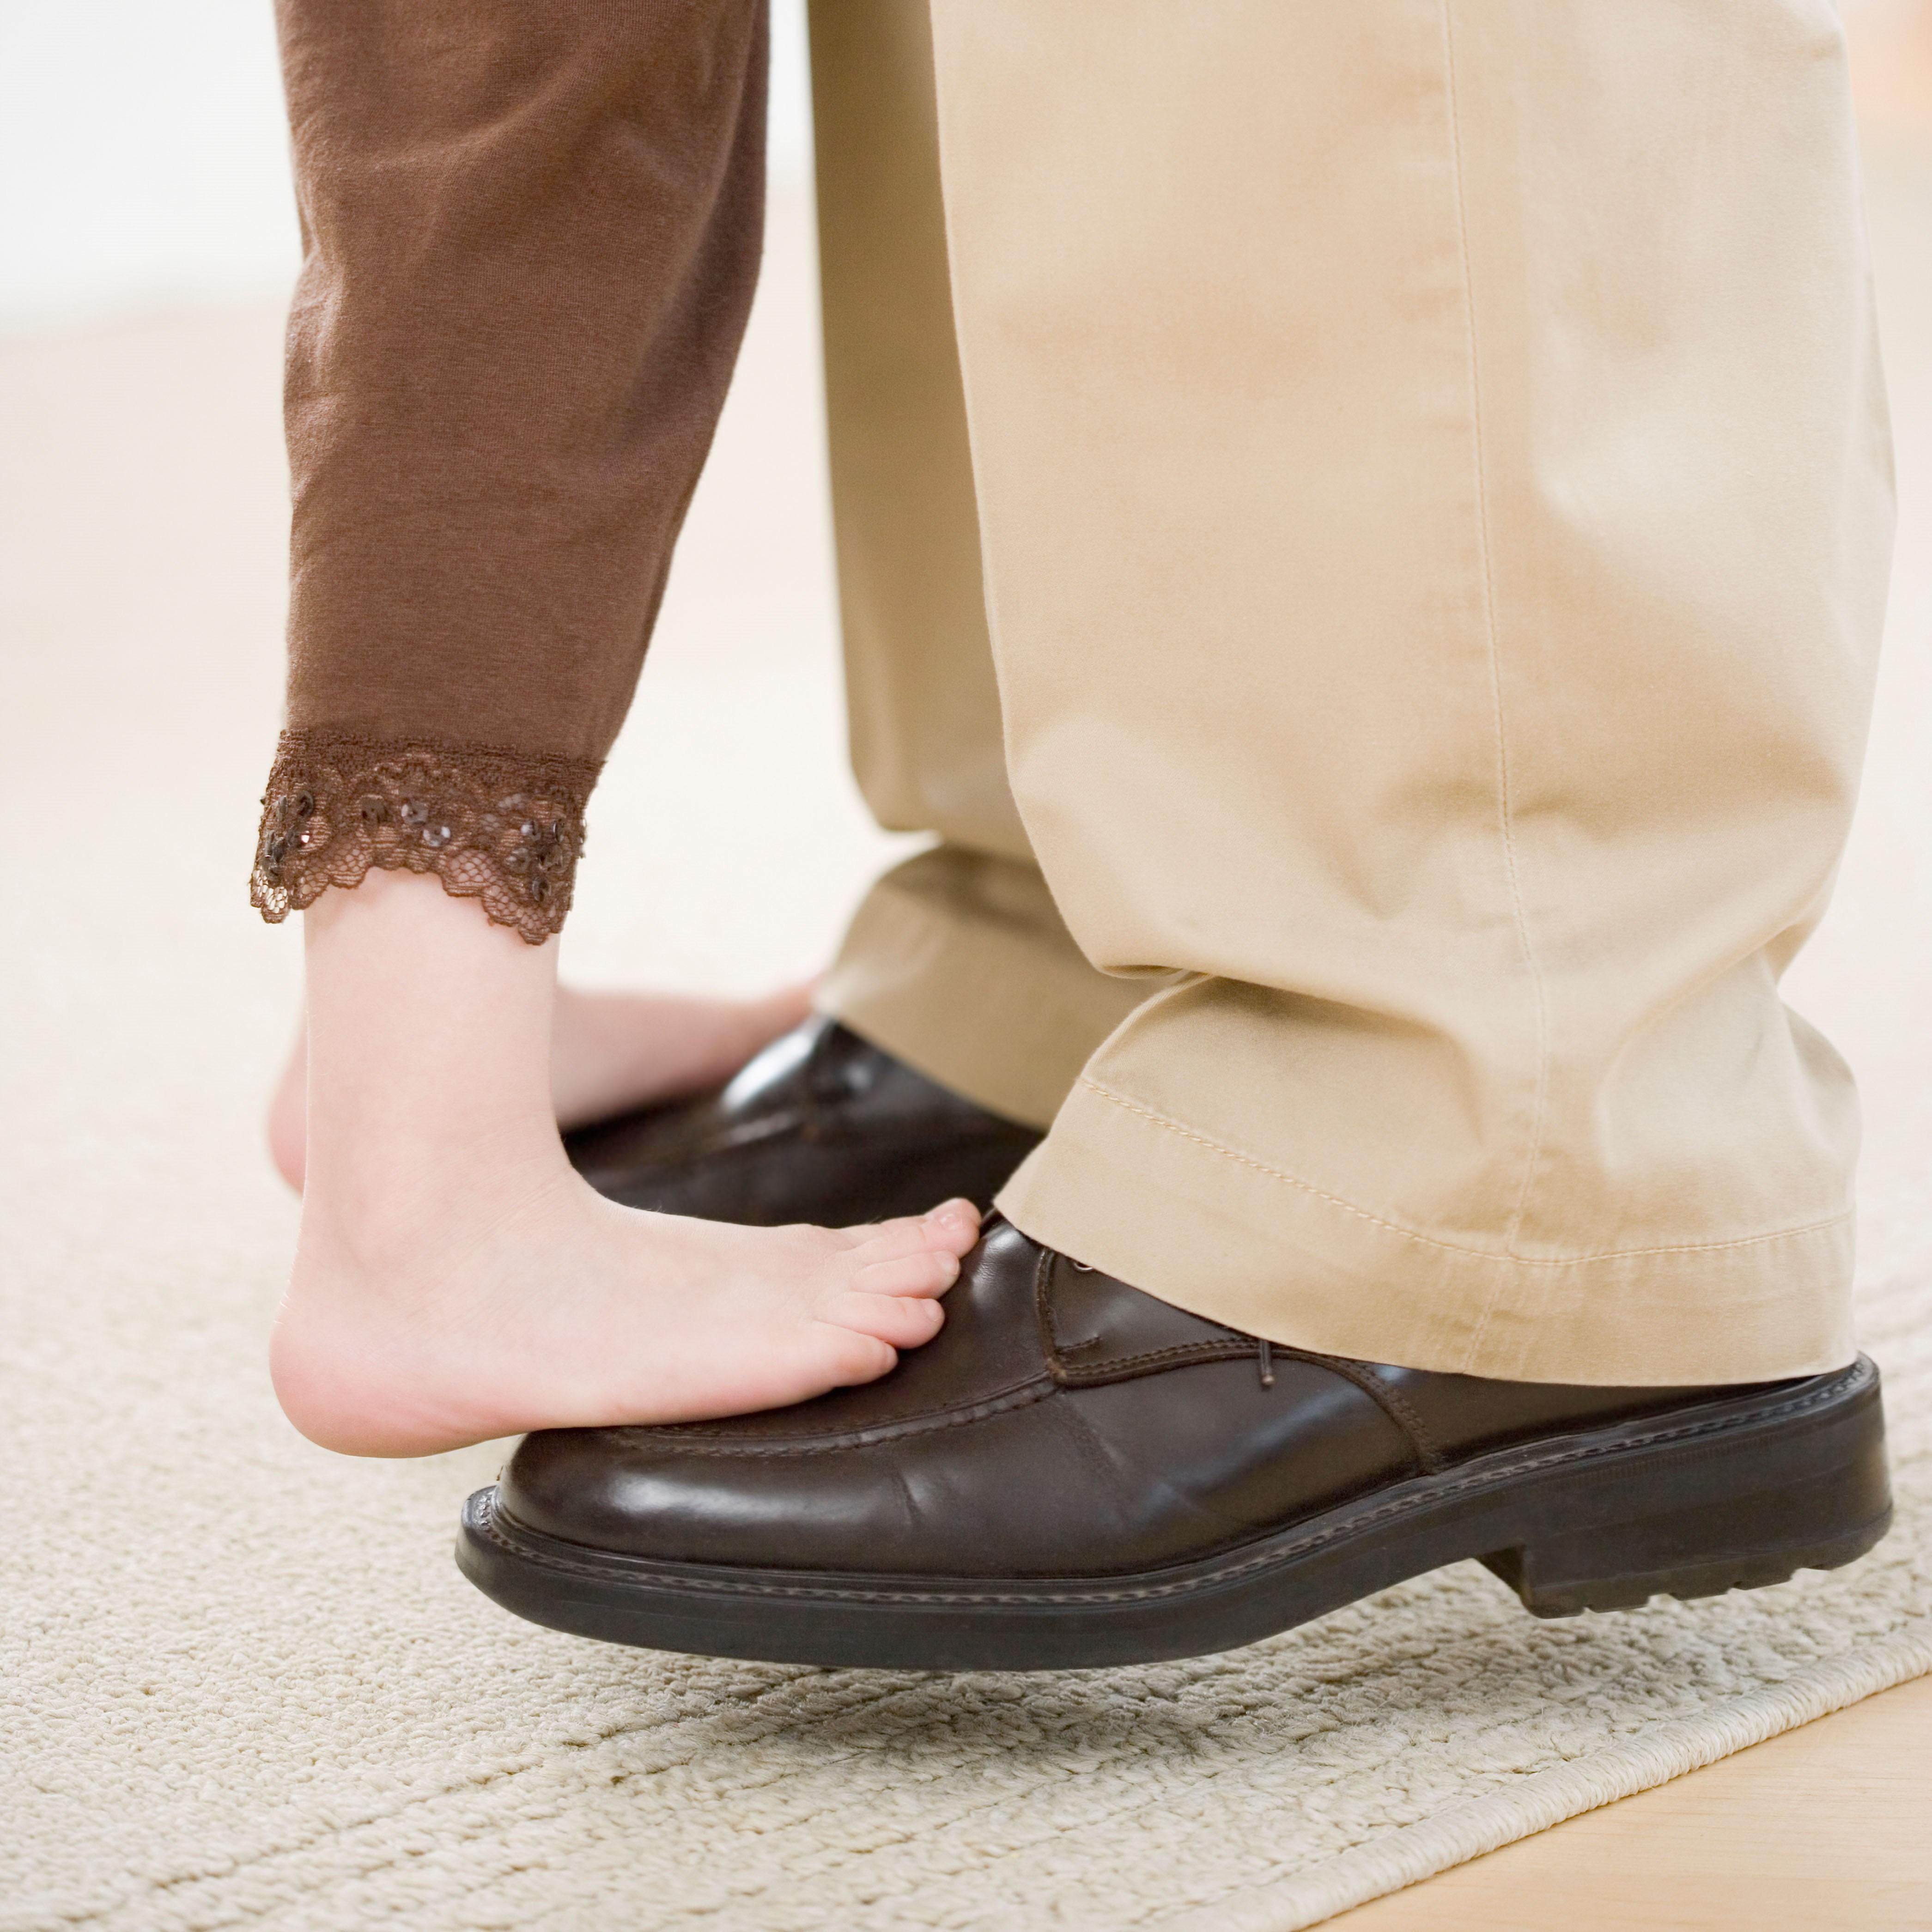 Foot Dancing